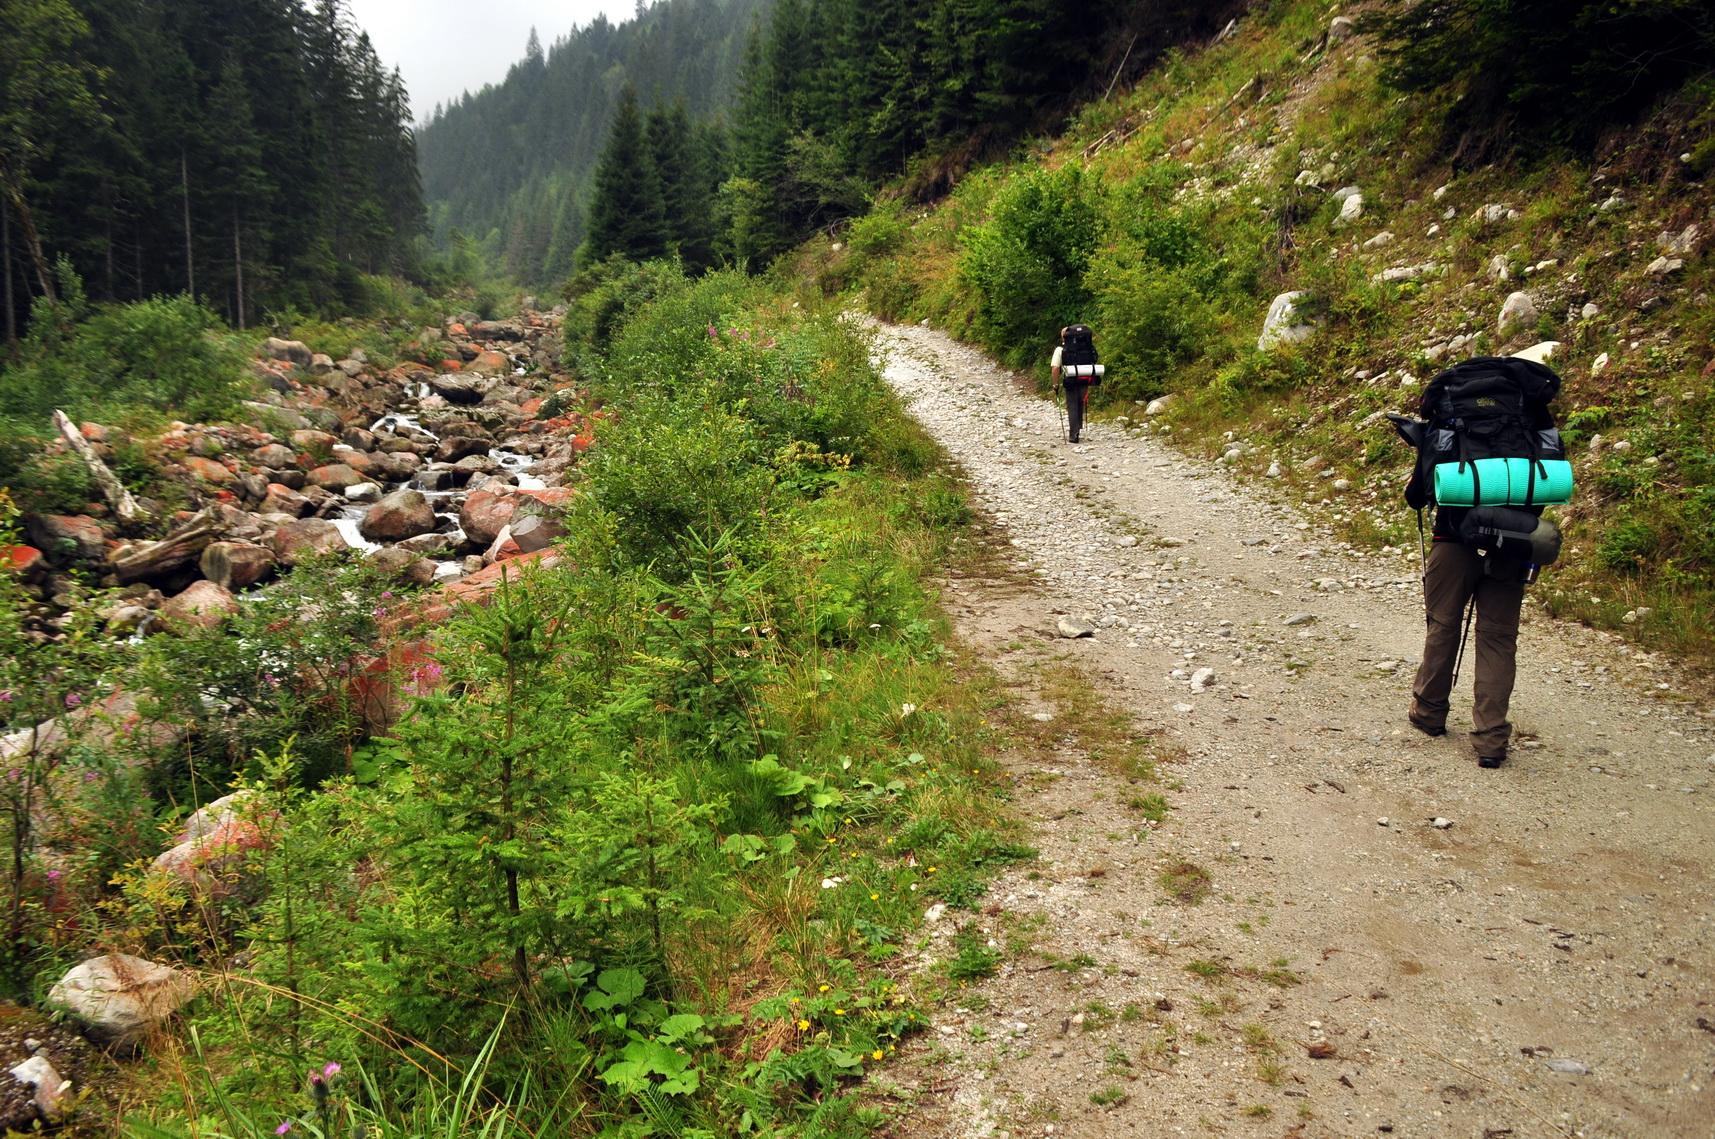 Színkavalkád az út mentén és unalom az úton Forrás: Paraferee - mozgasvilag.hu